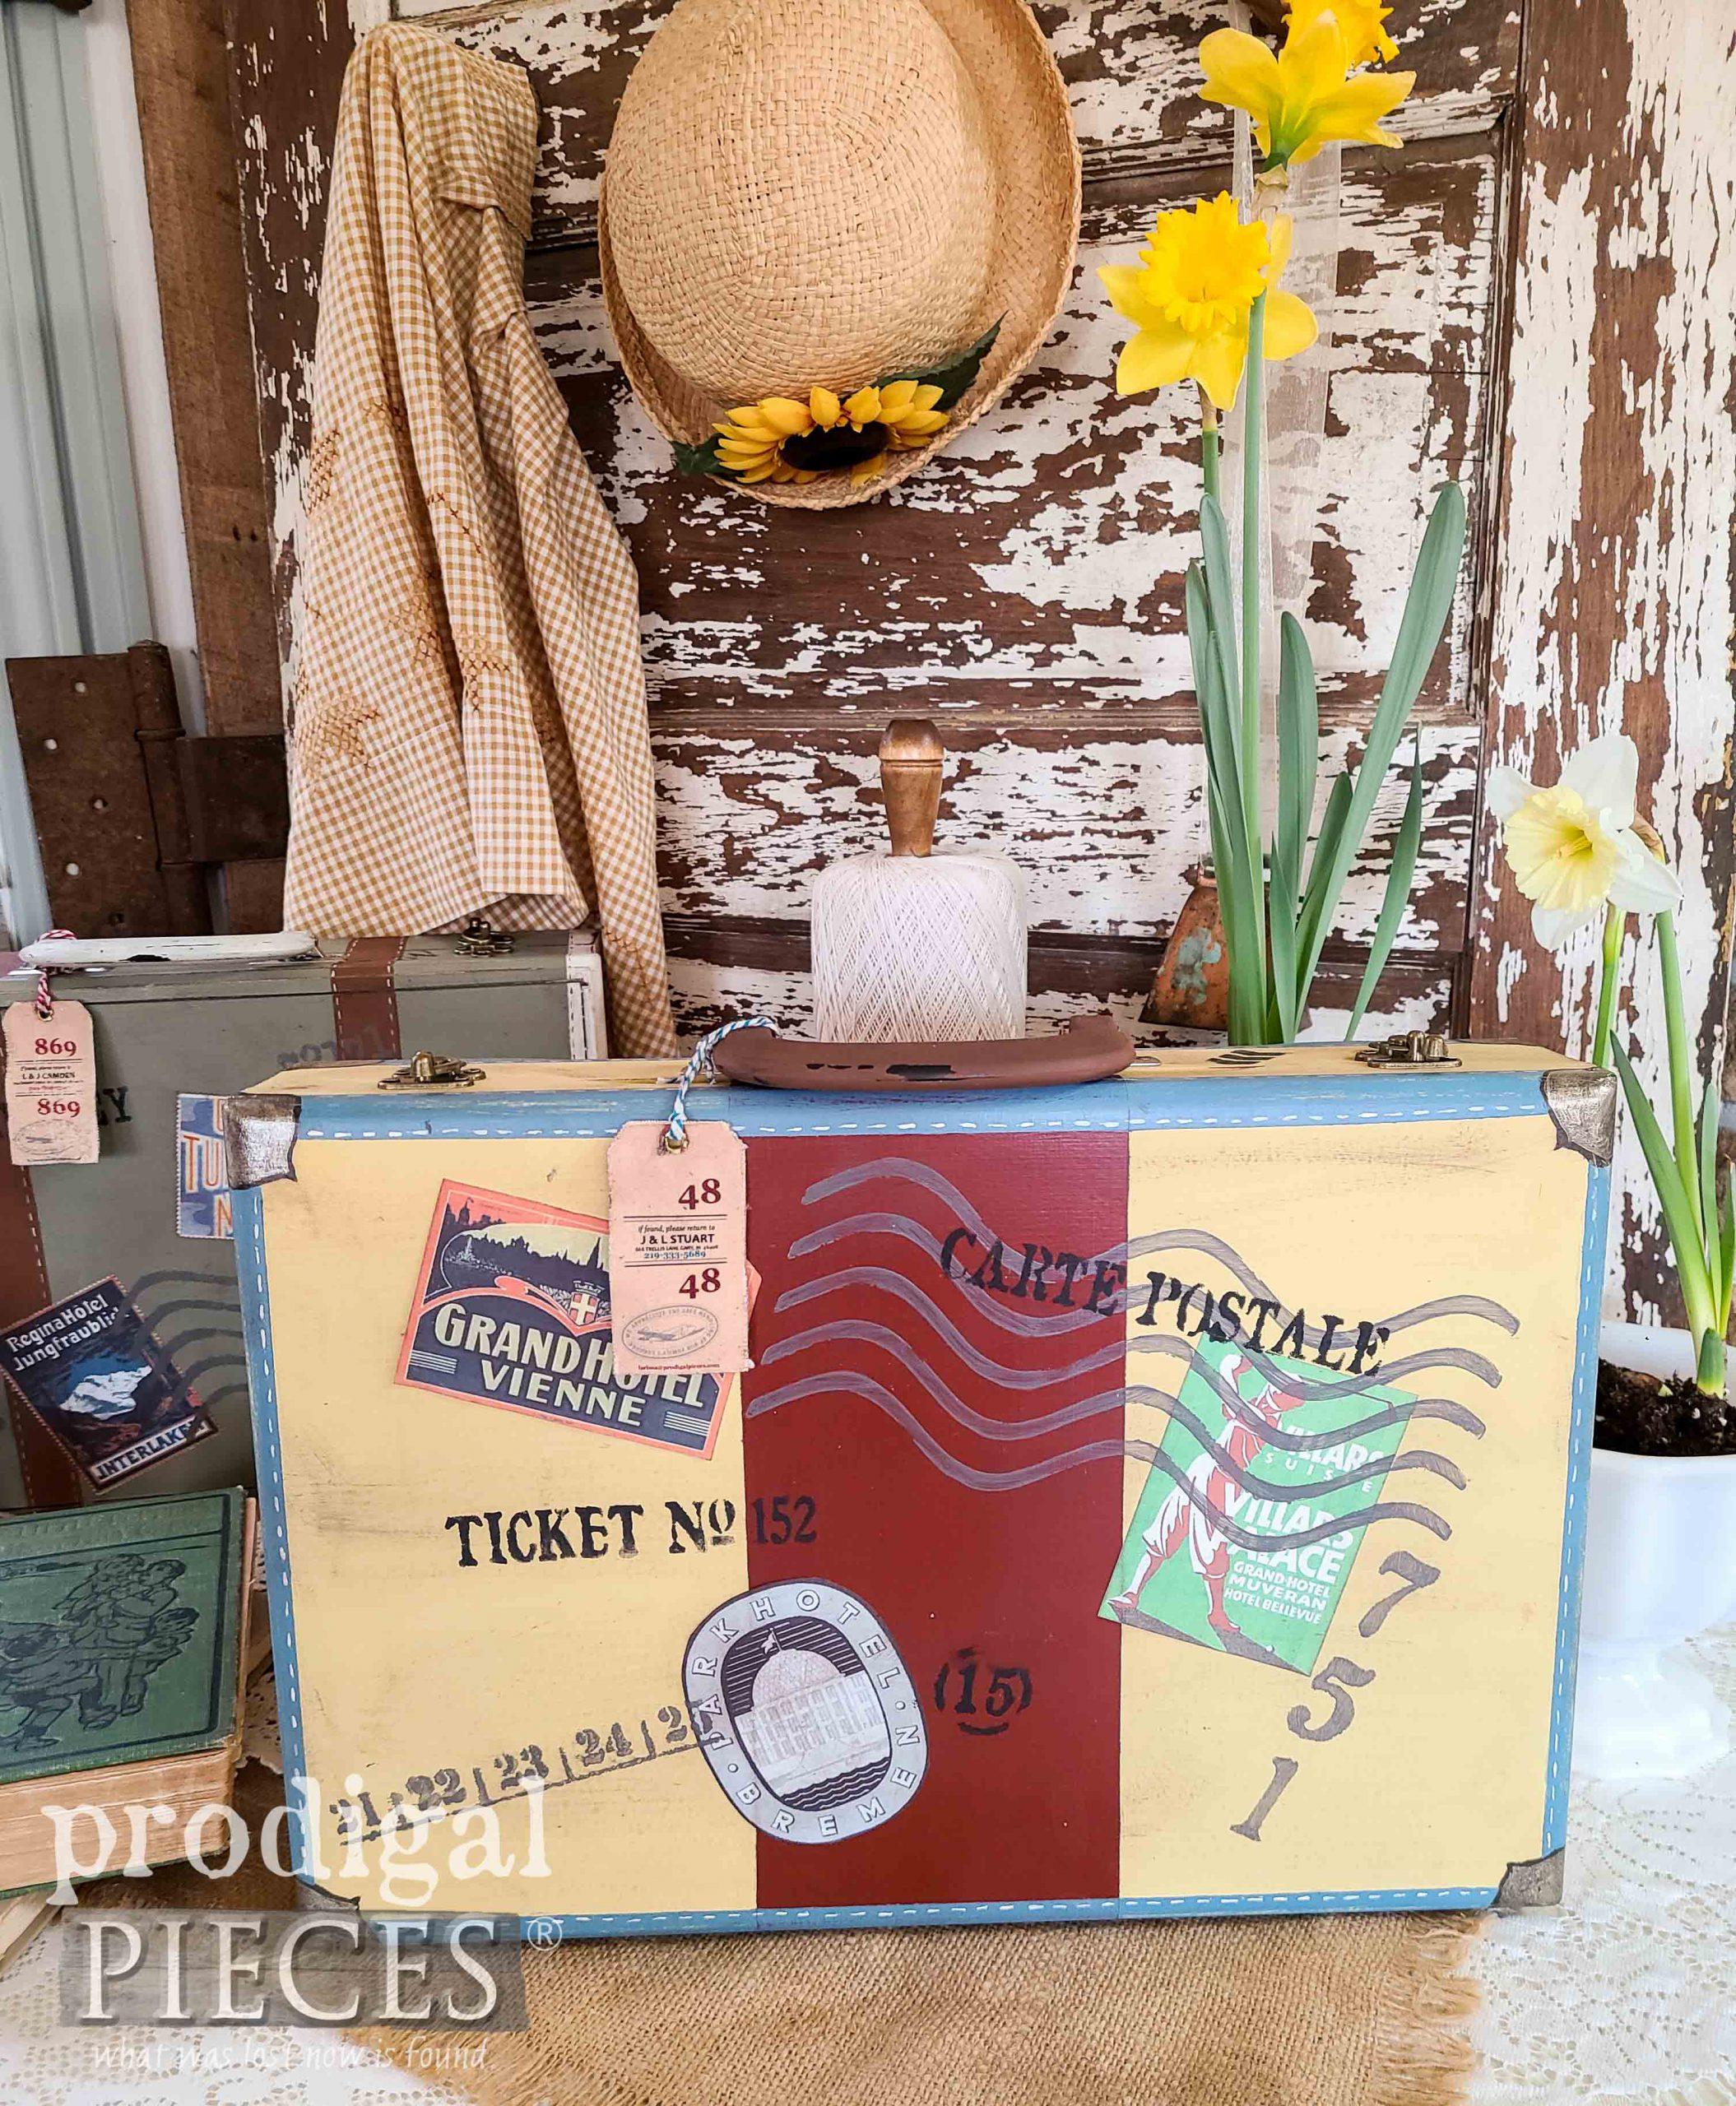 World Travel Luggage Box by Larissa of Prodigal Pieces   prodigalpieces.com #prodigalpieces #diy #home #homedecor #luggage